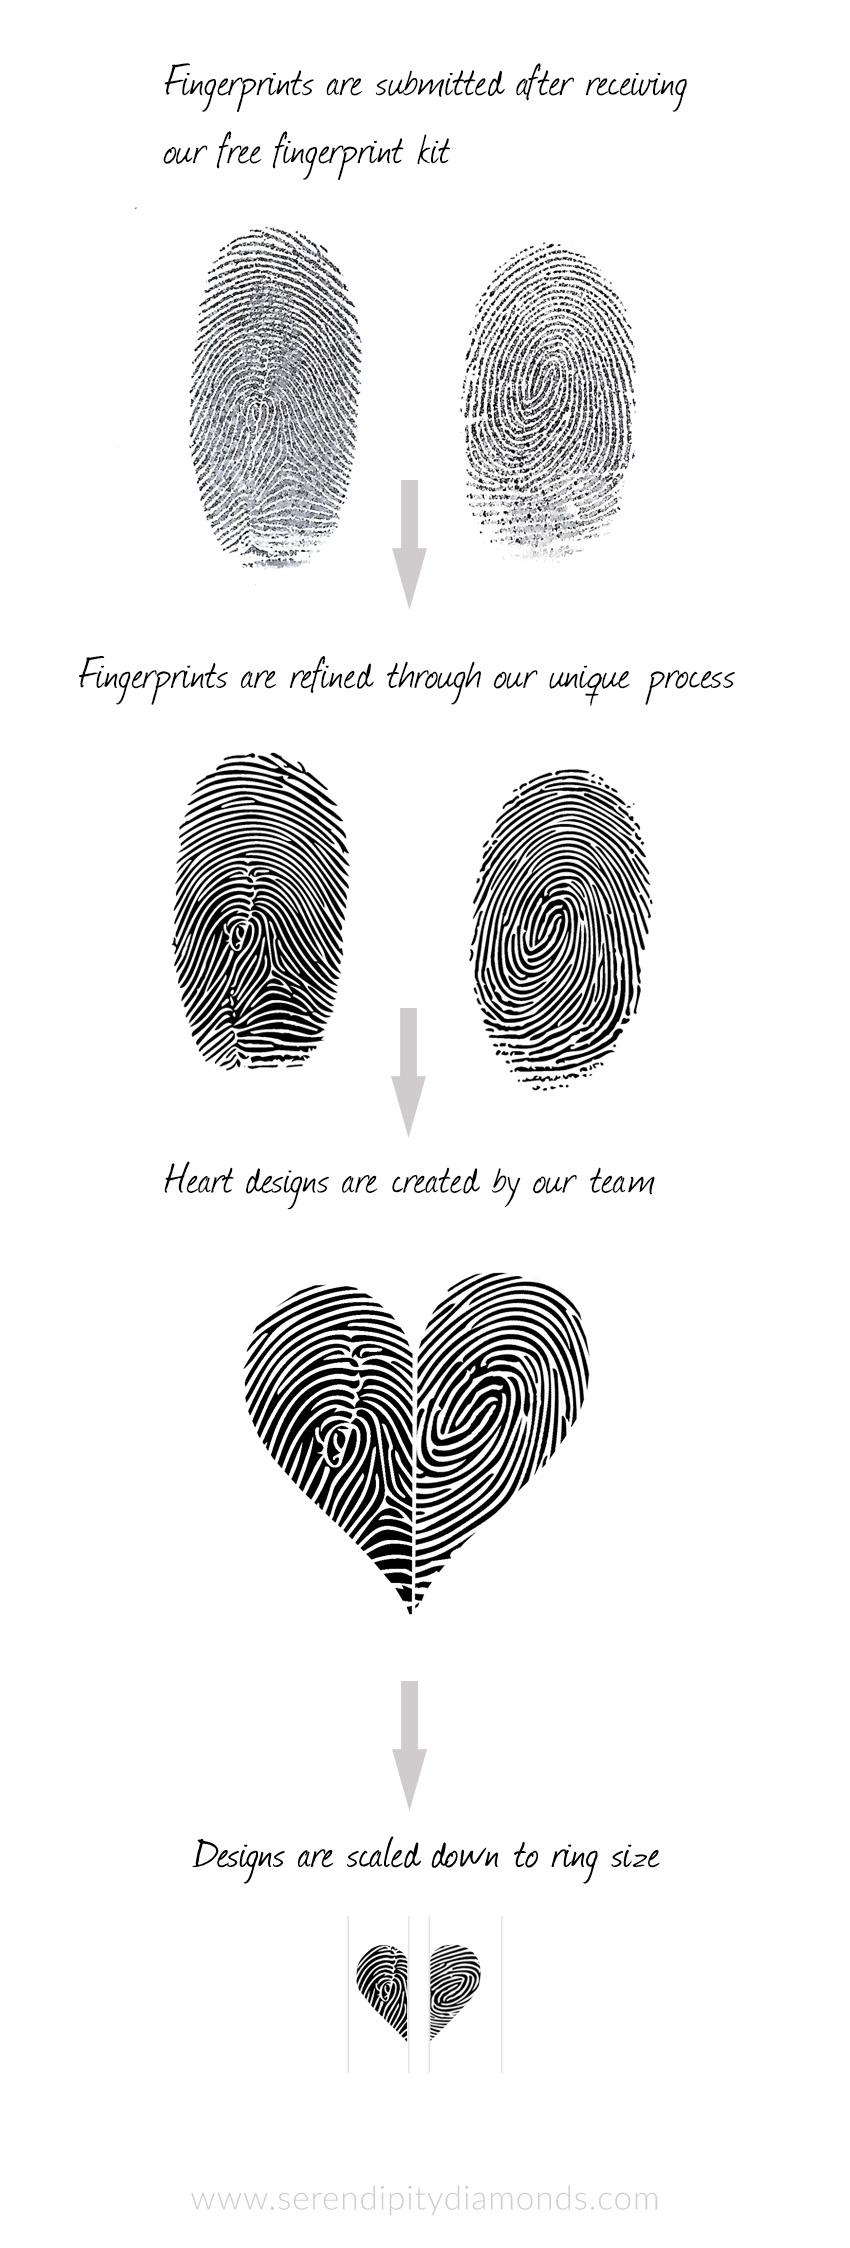 Artwork for creating the heart pattern fingerprints